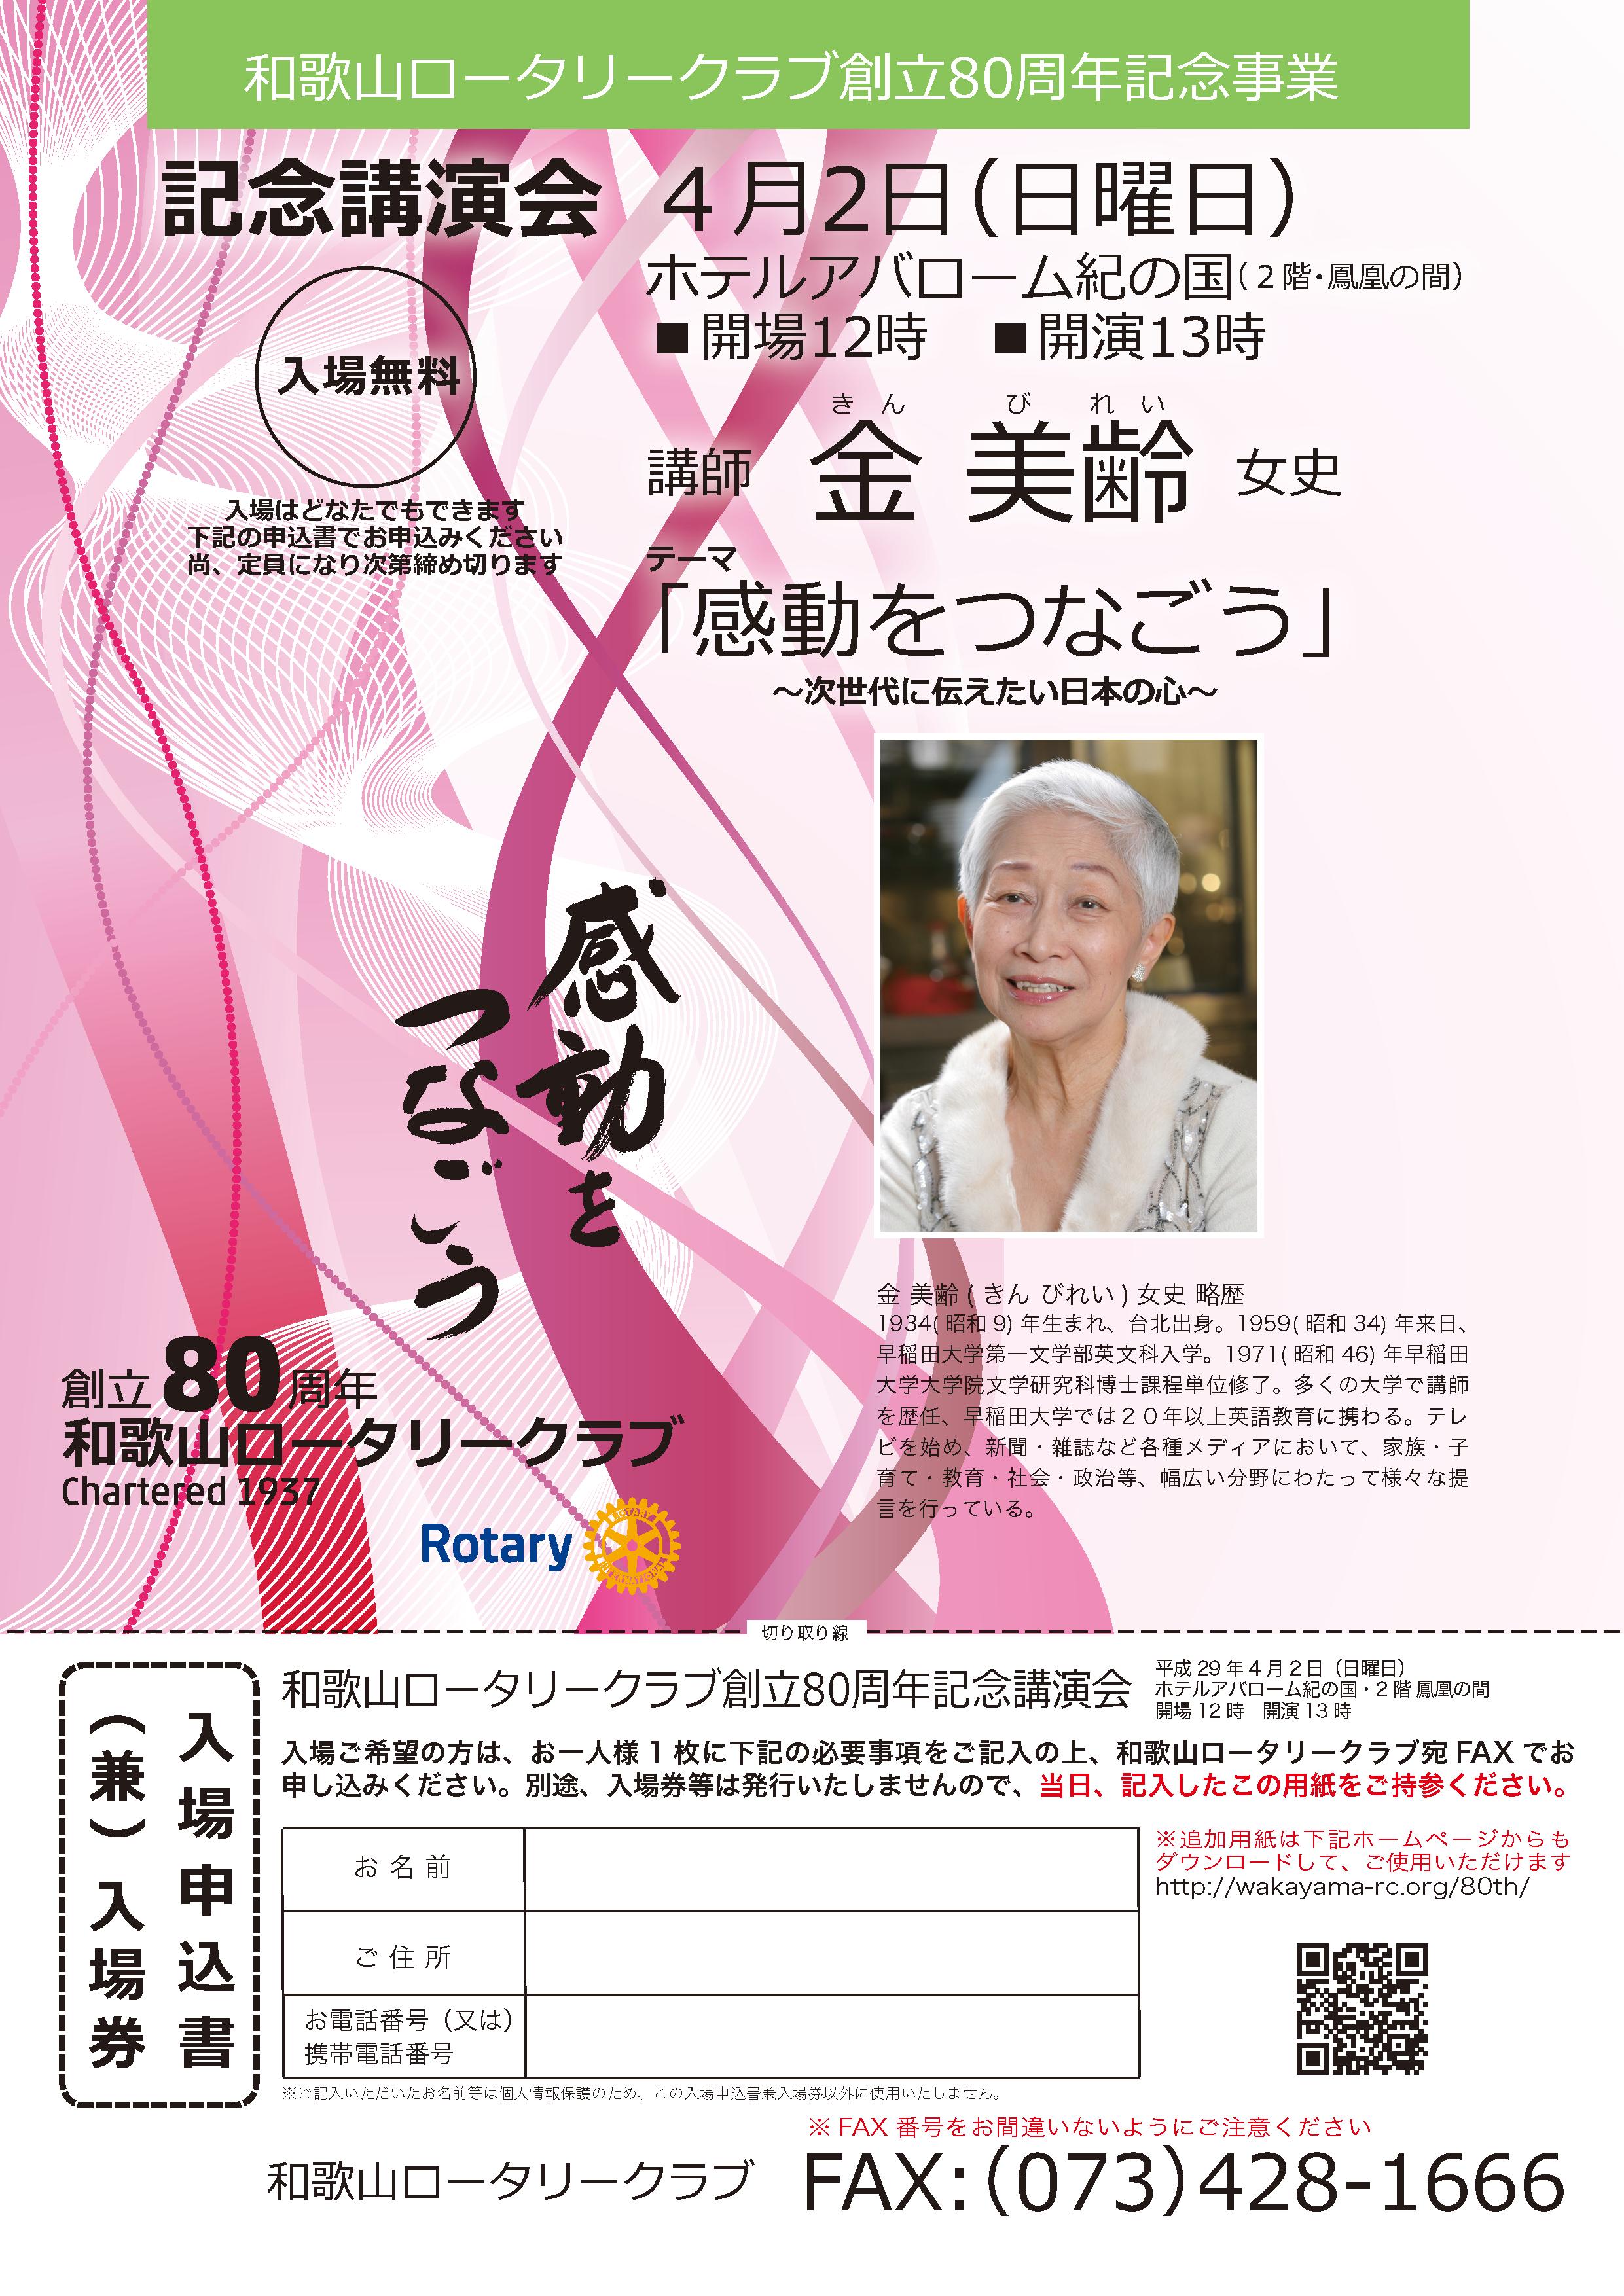 和歌山ロータリークラブ創立80周年記念講演会